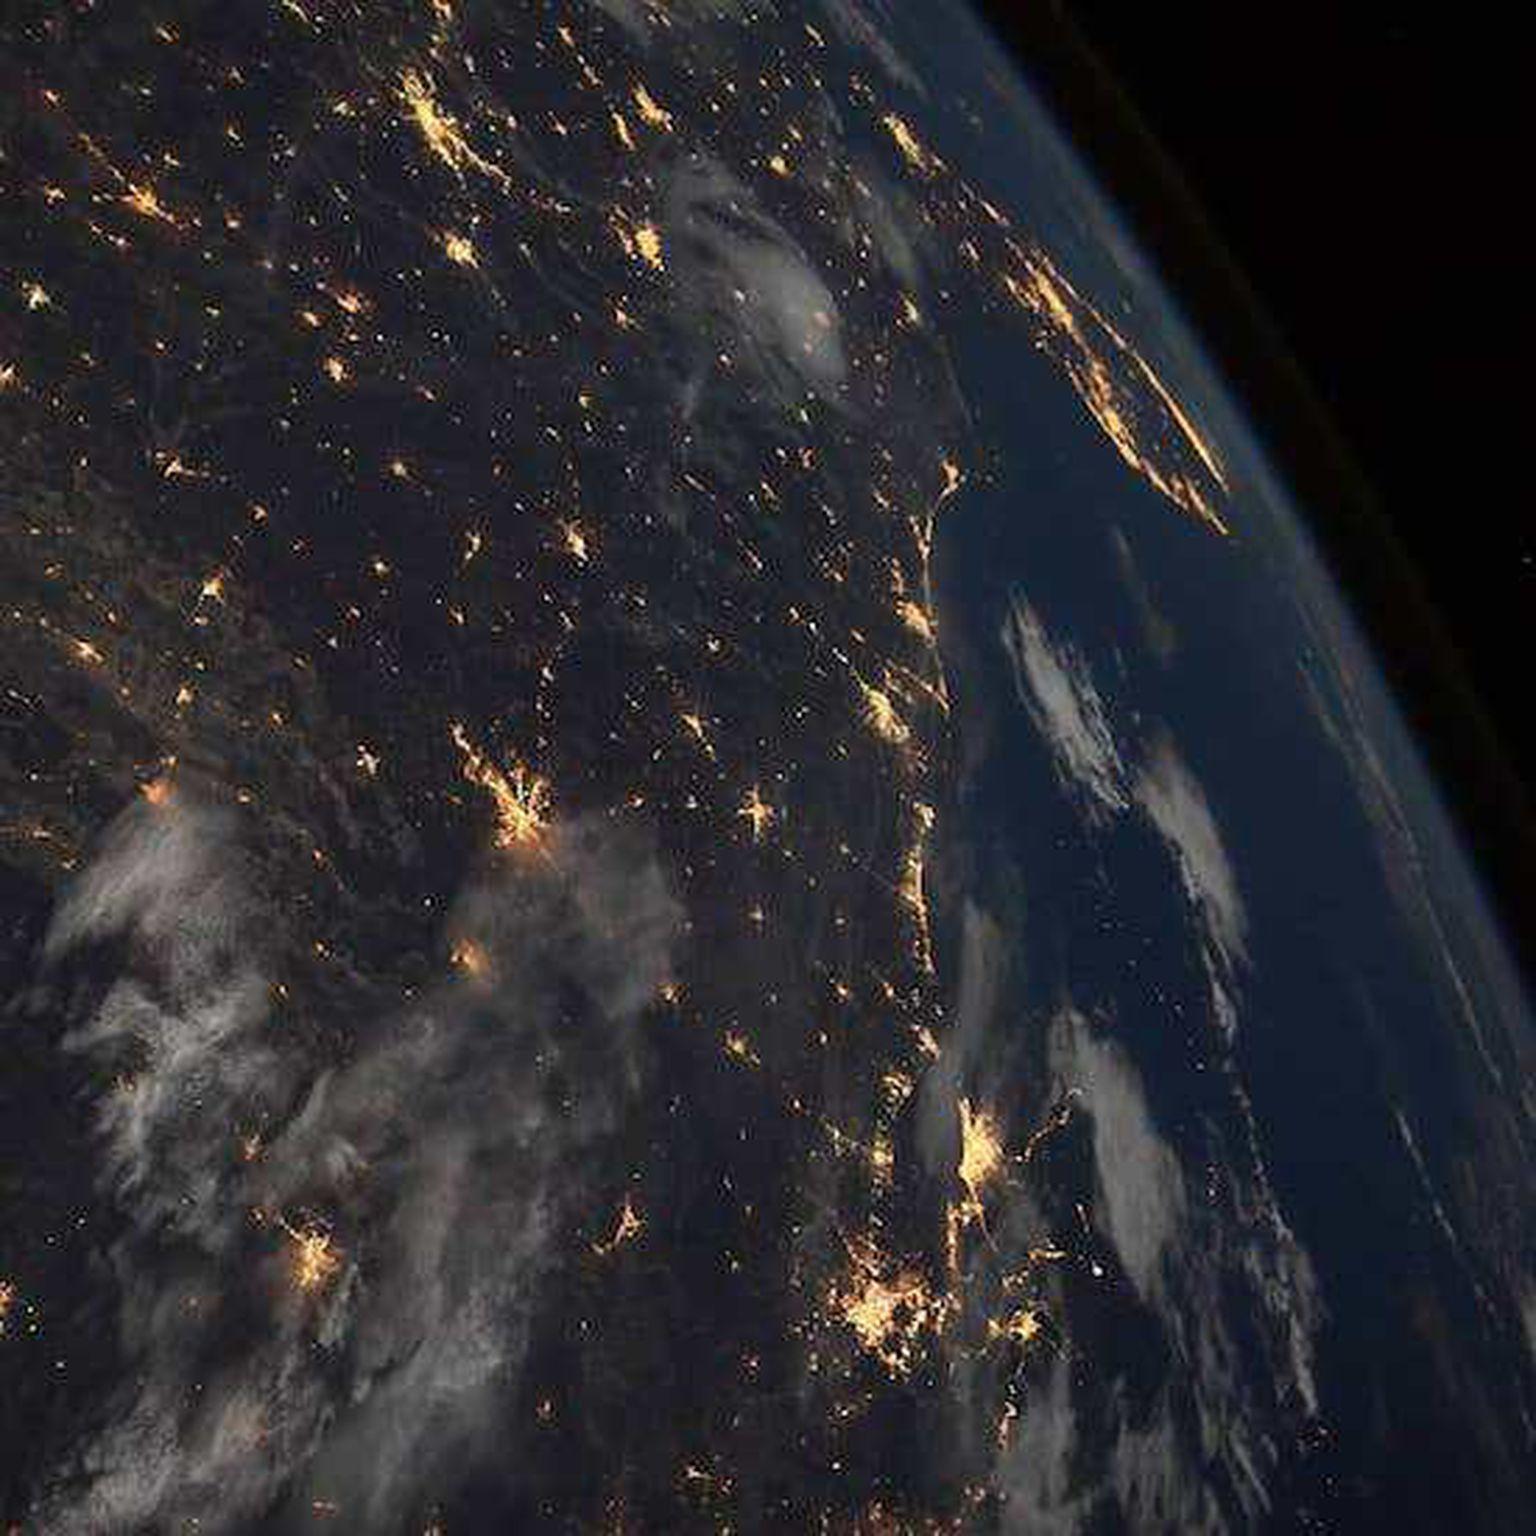 первую фотографии из космоса в инстаграмме то, что назначение